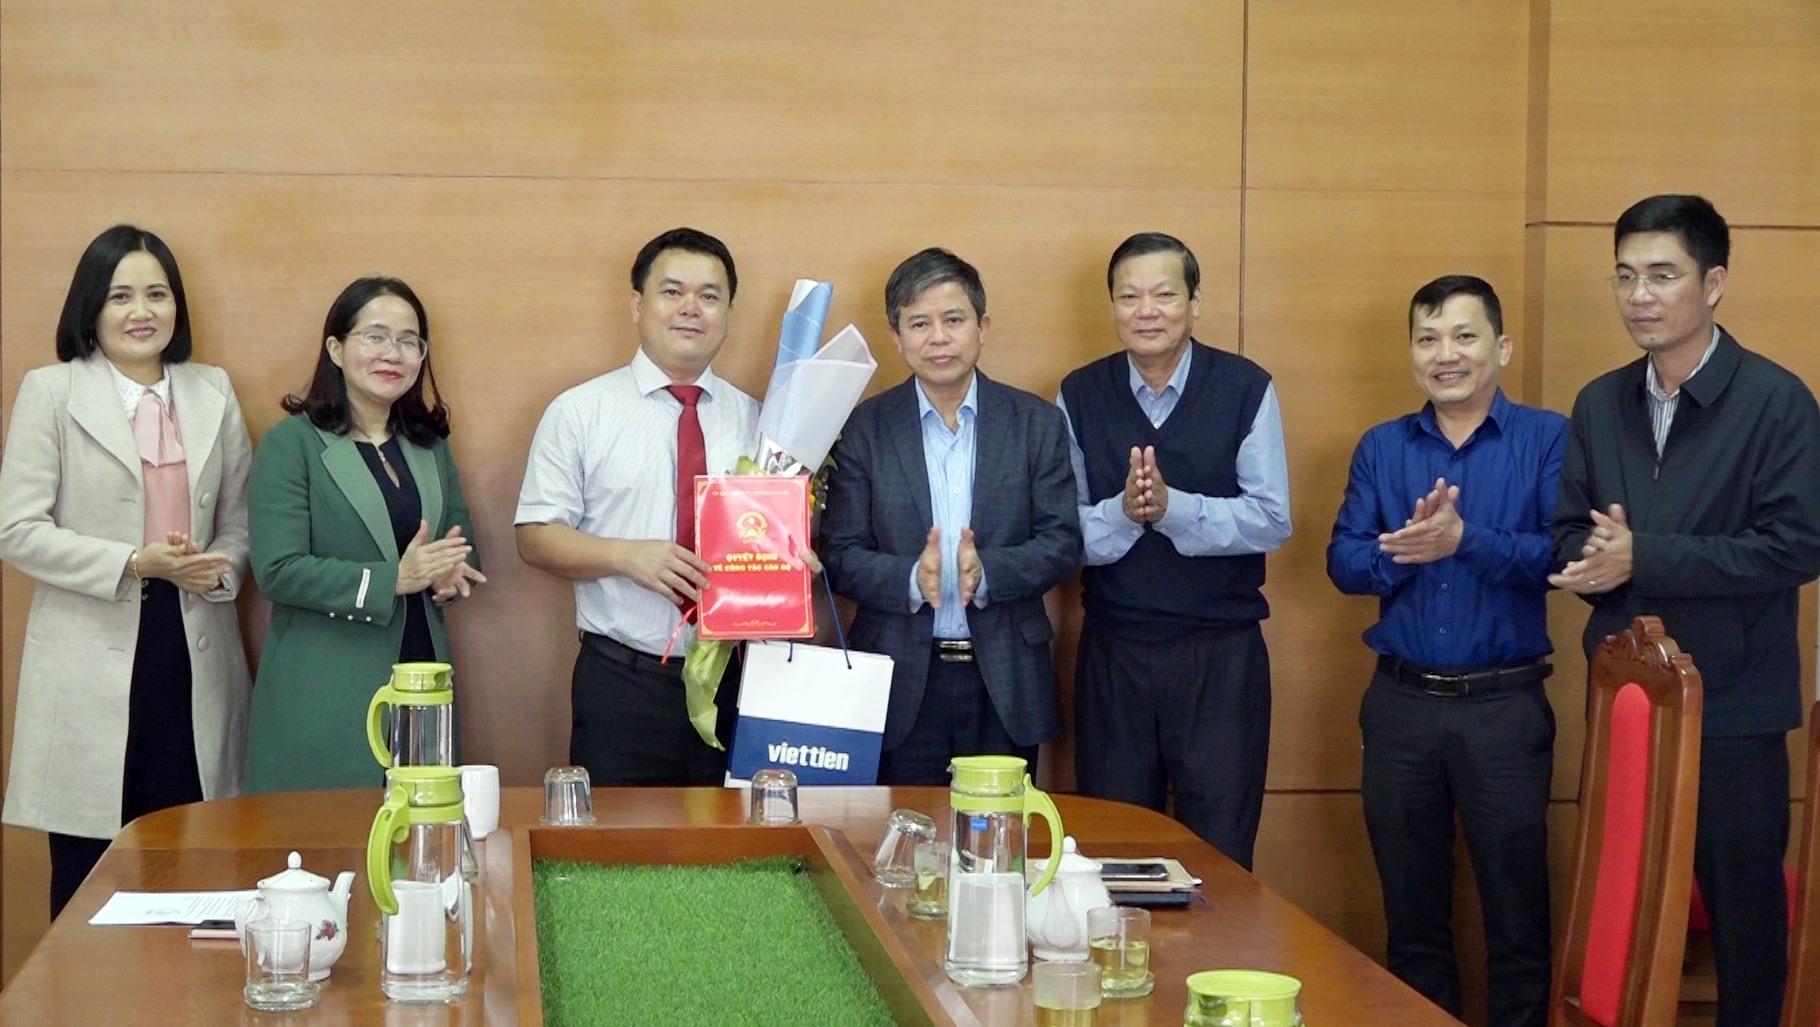 Lãnh đạo Sở Nội vụ Quảng Nam và huyện Thăng Bình trao quyết định, tặng hoa chúc mừng ông Hoàng Châu Sơn. Ảnh: M.T